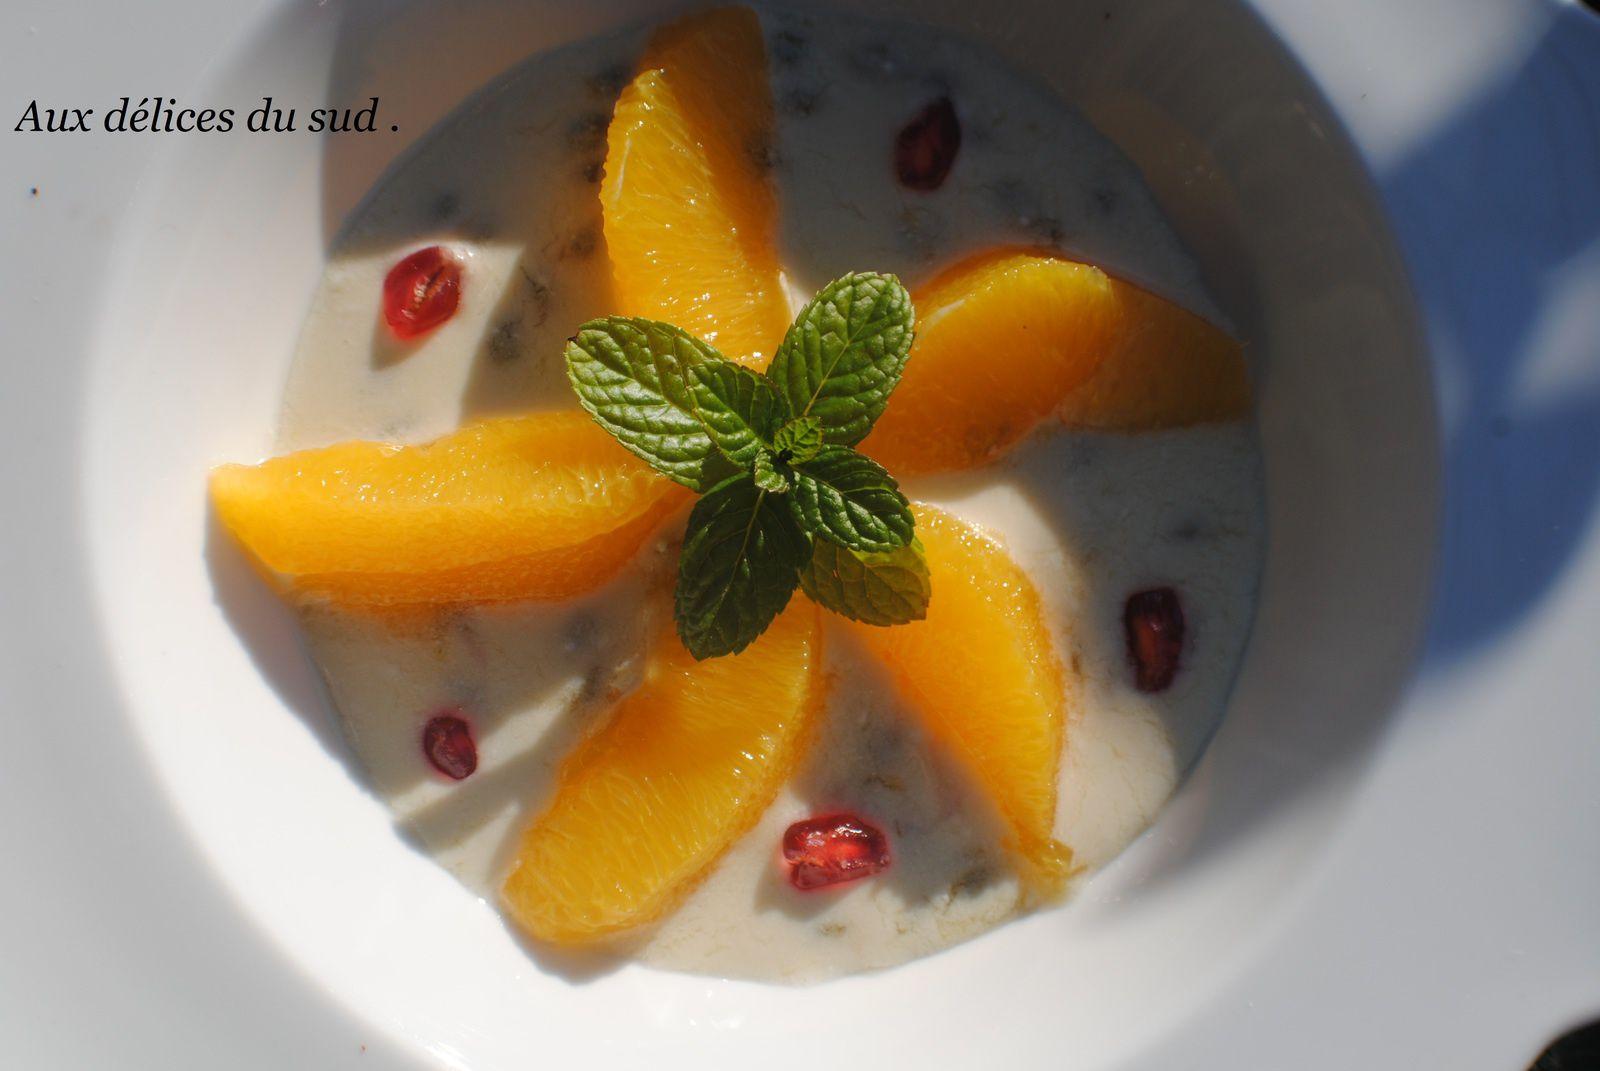 Salade d'oranges -grenade -coco-passion .